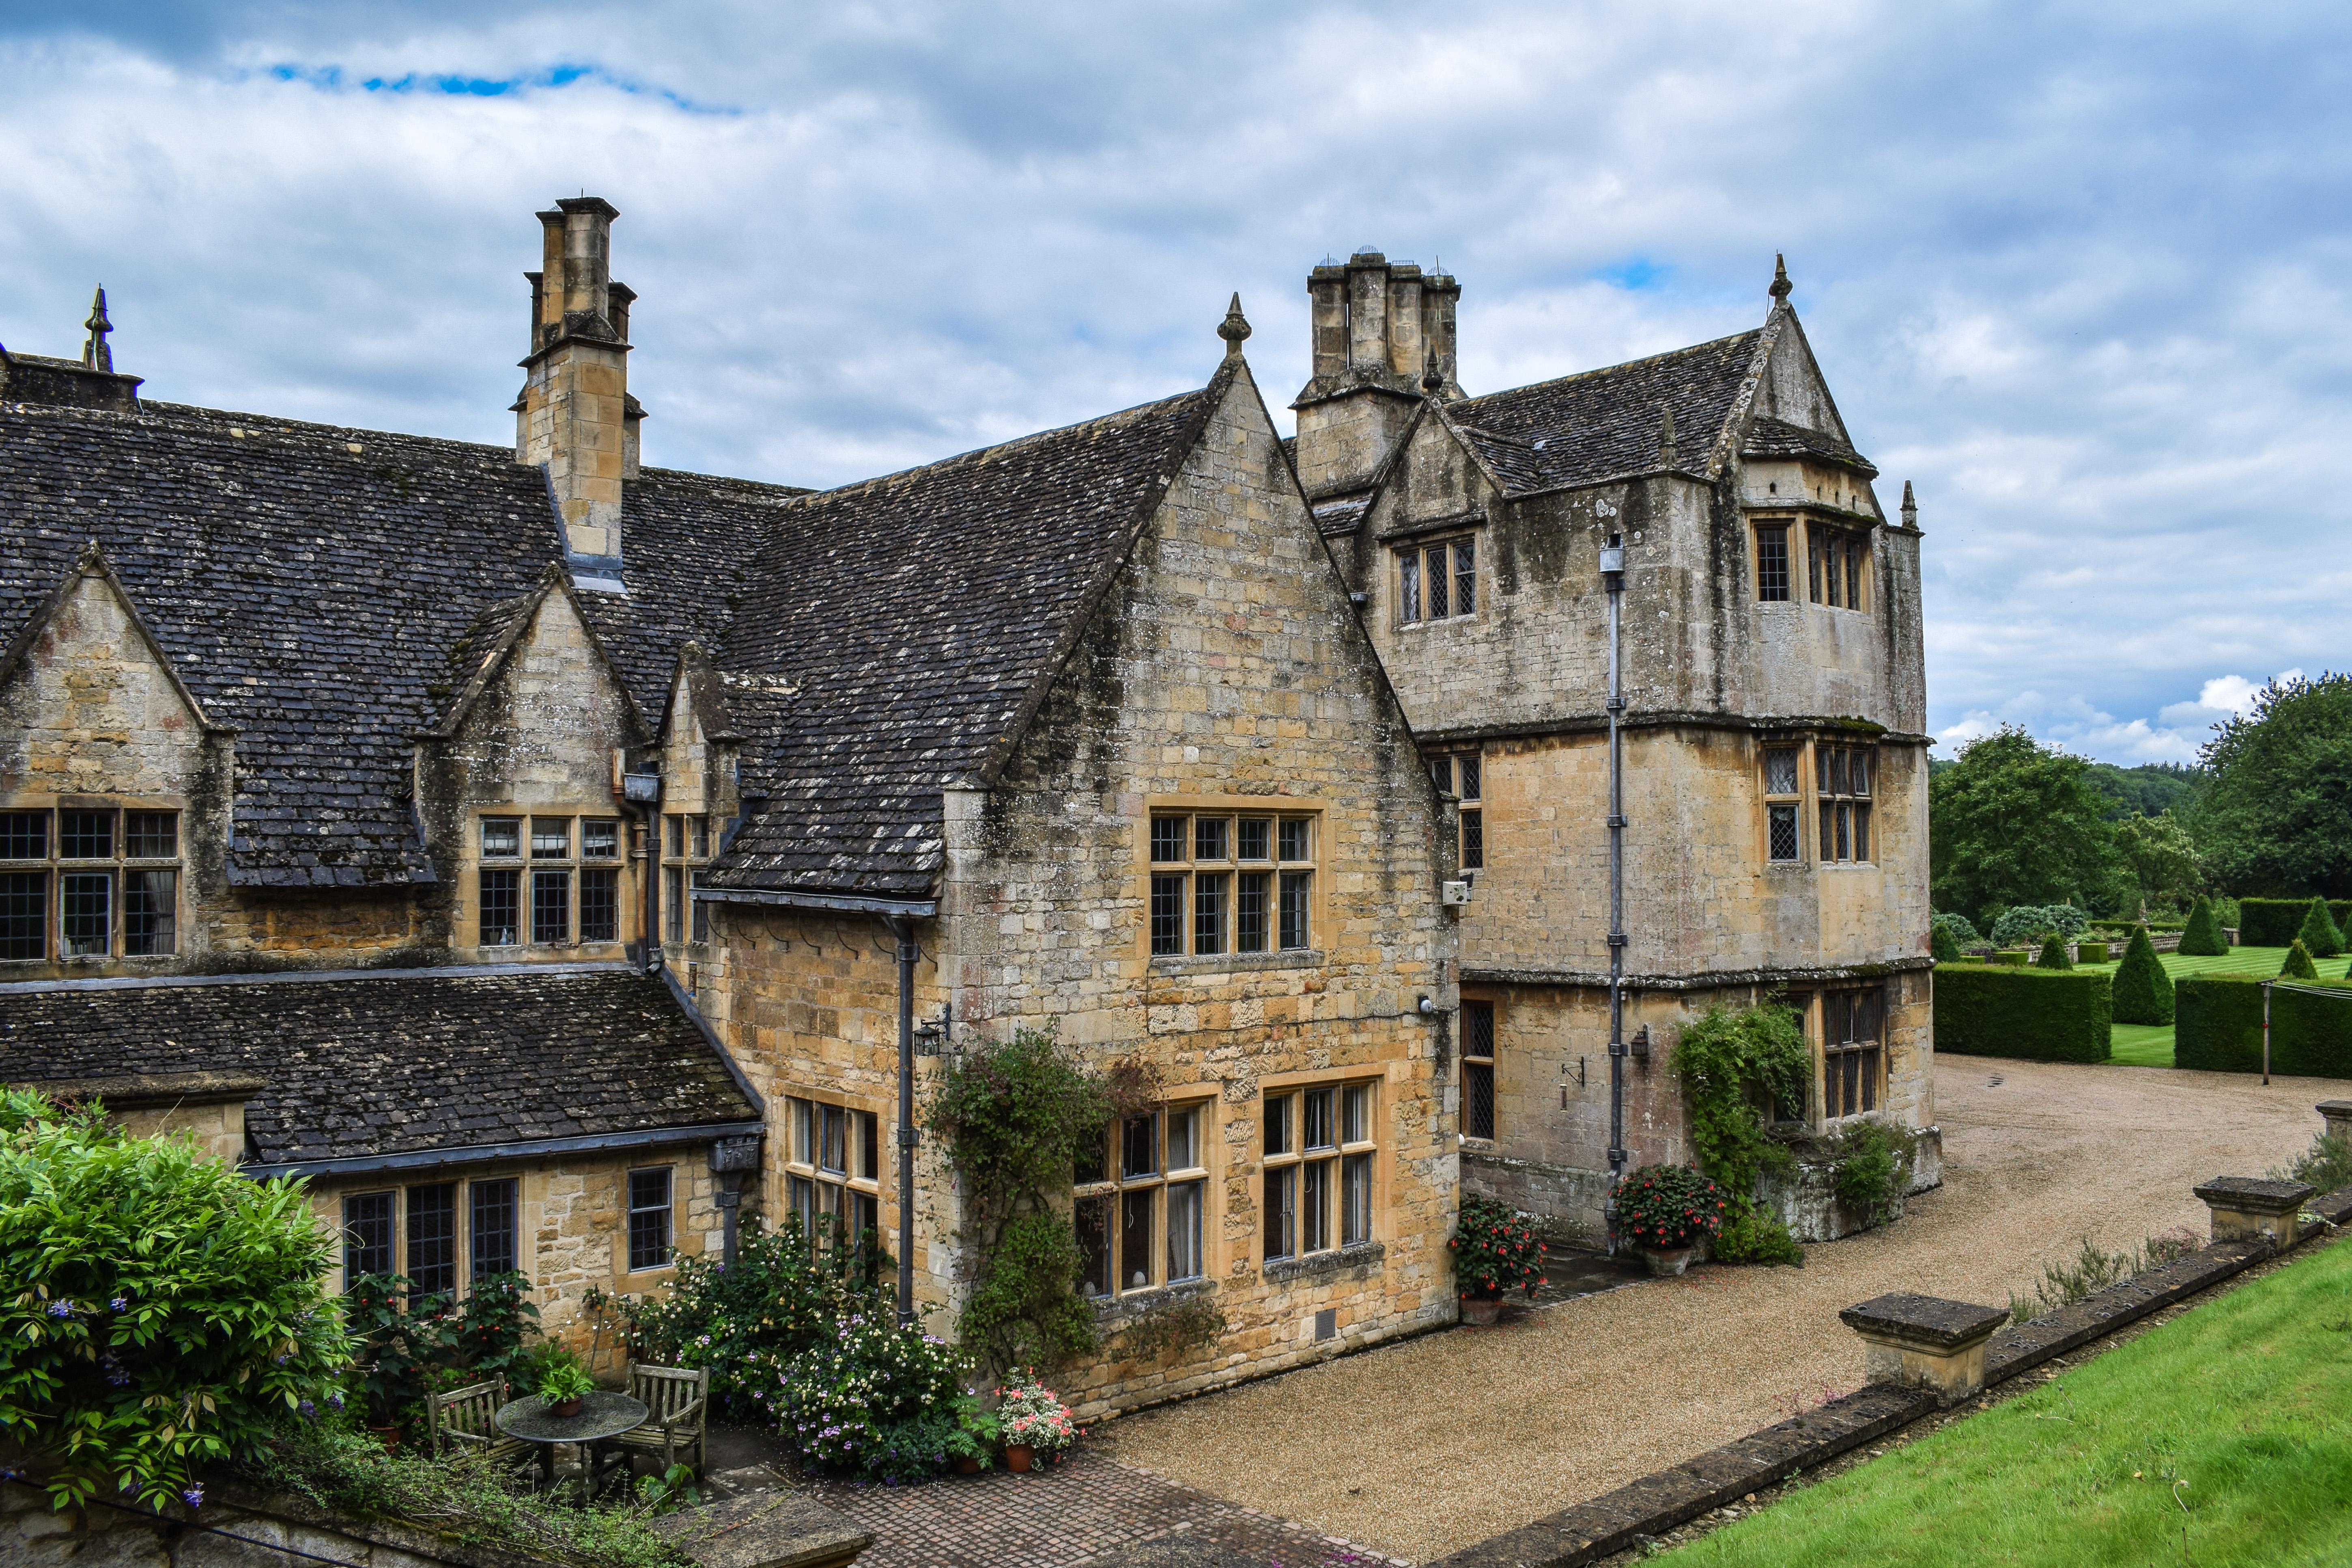 Campden House